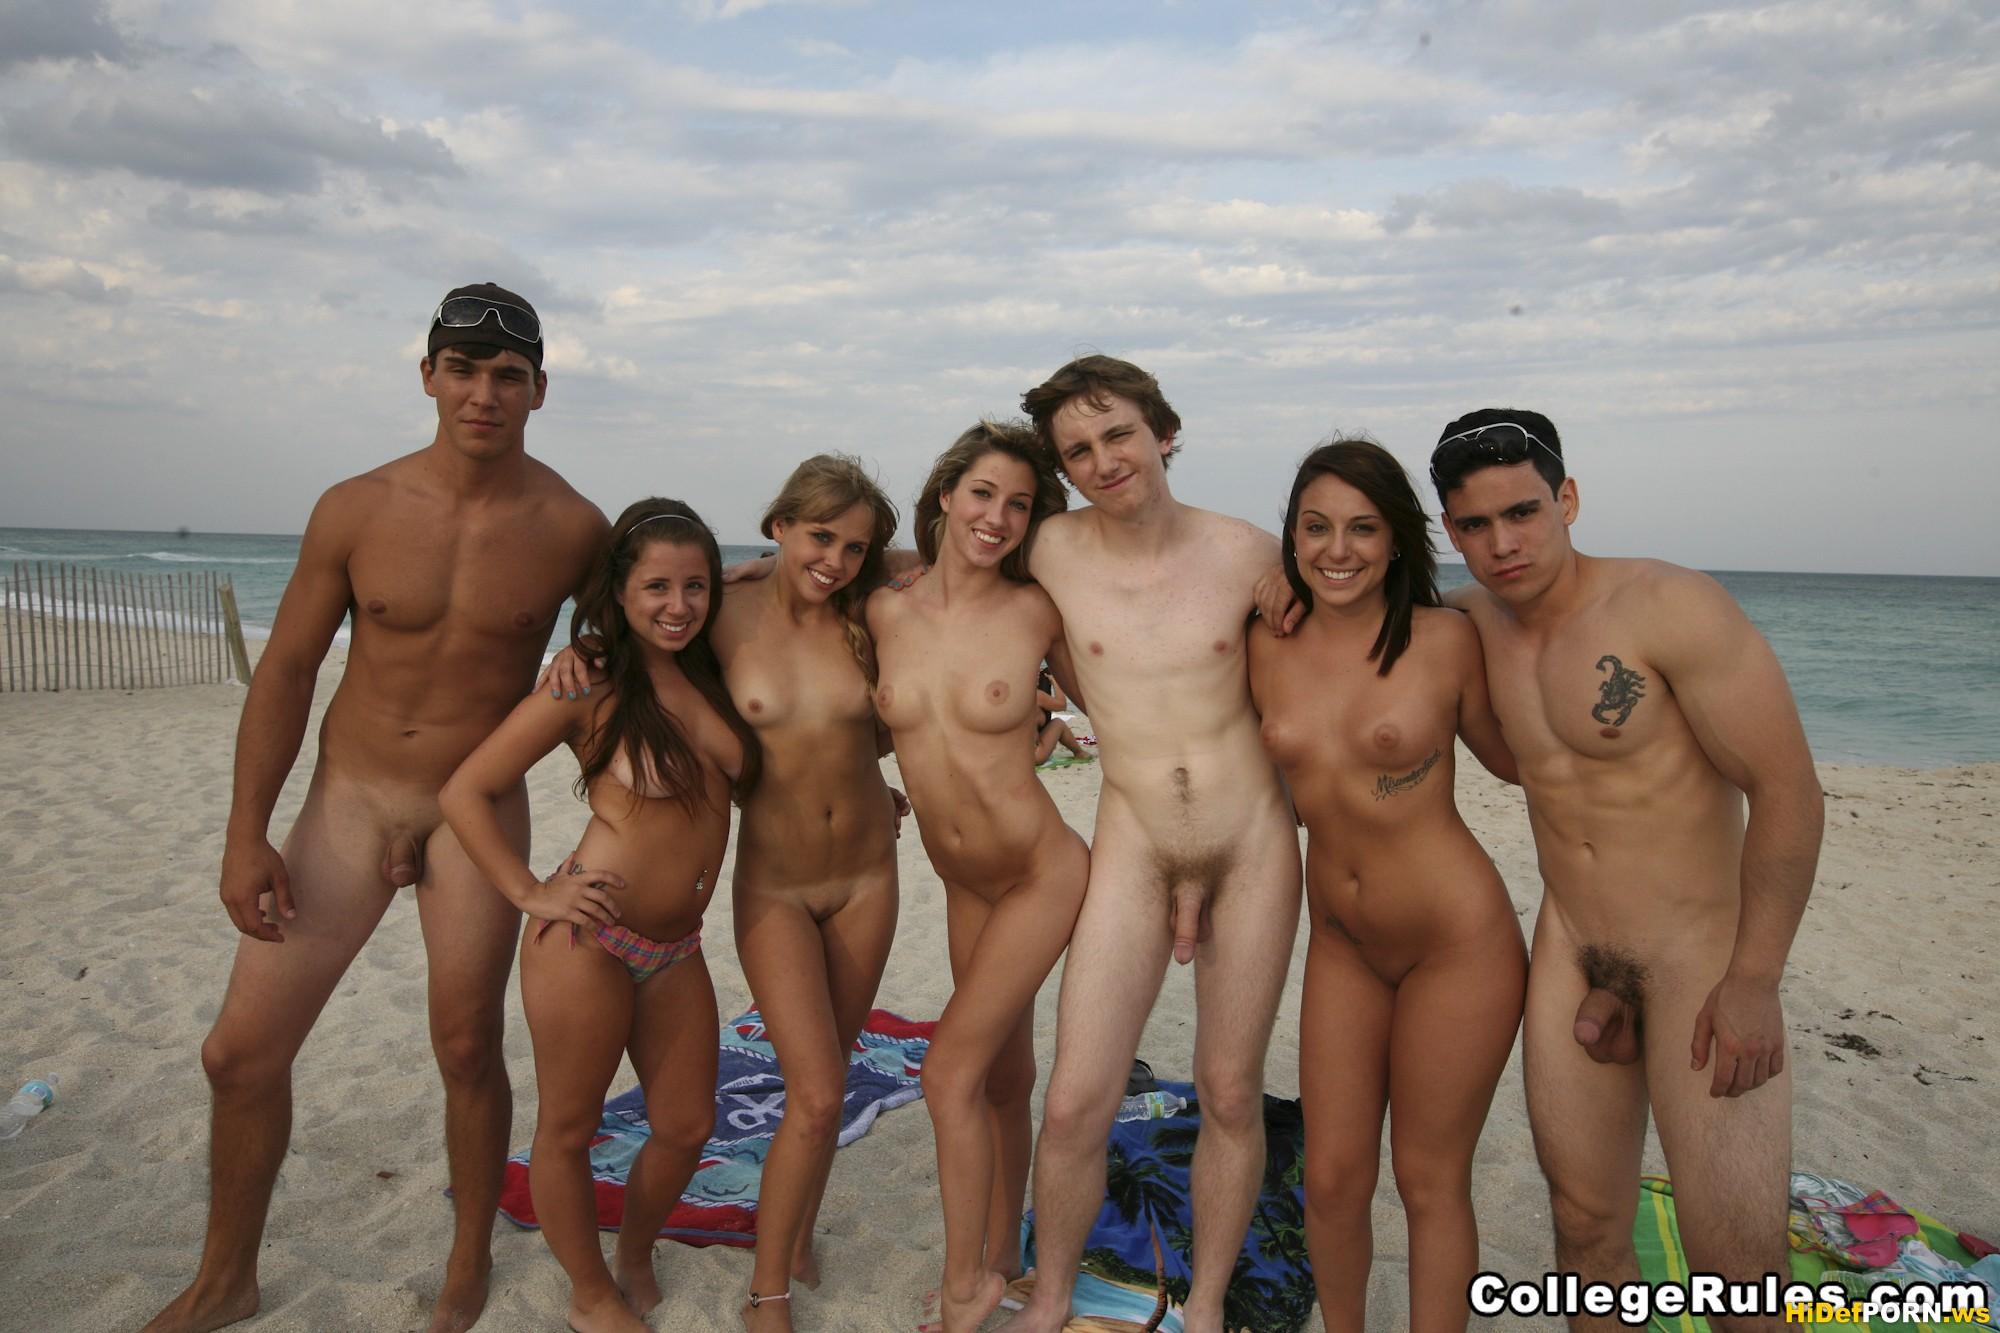 Фото молодёжи нагишом 24 фотография